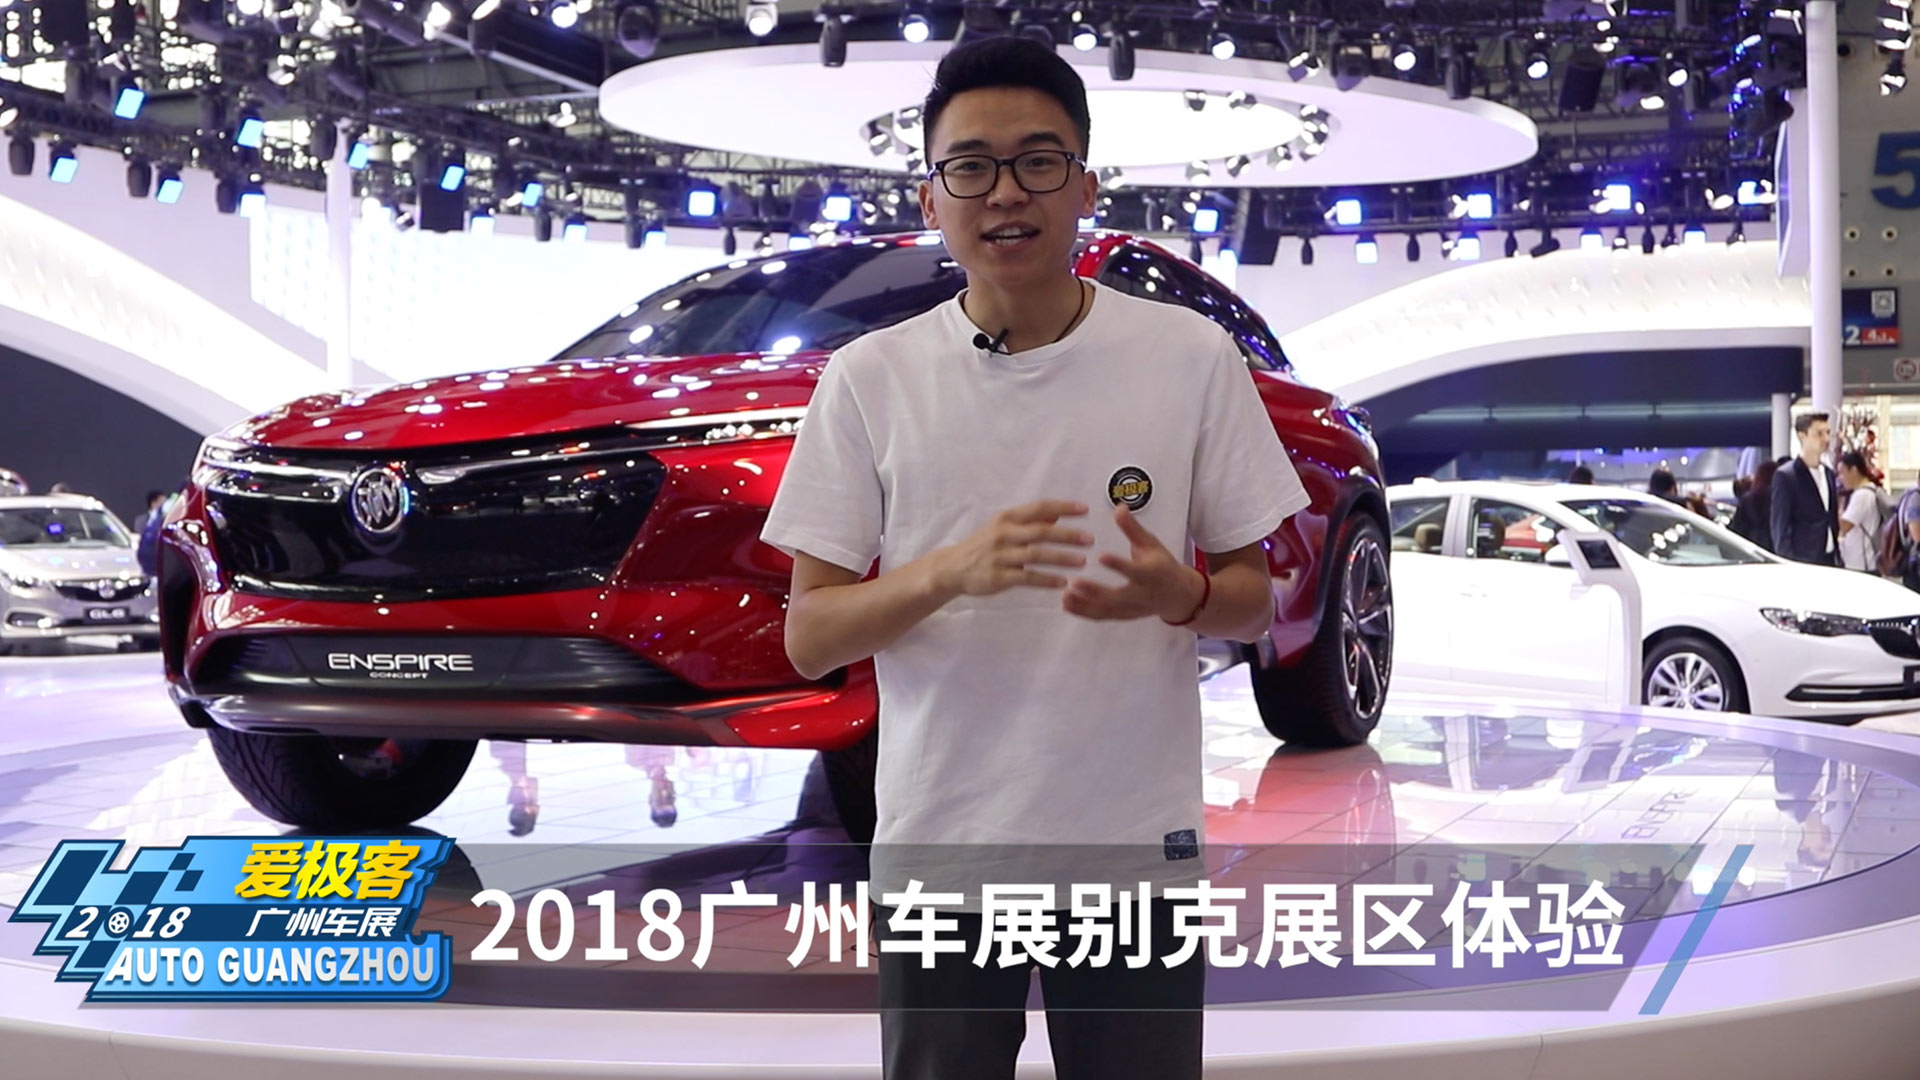 别克Enspire概念车亮相!2018广州车展别克展区体验!